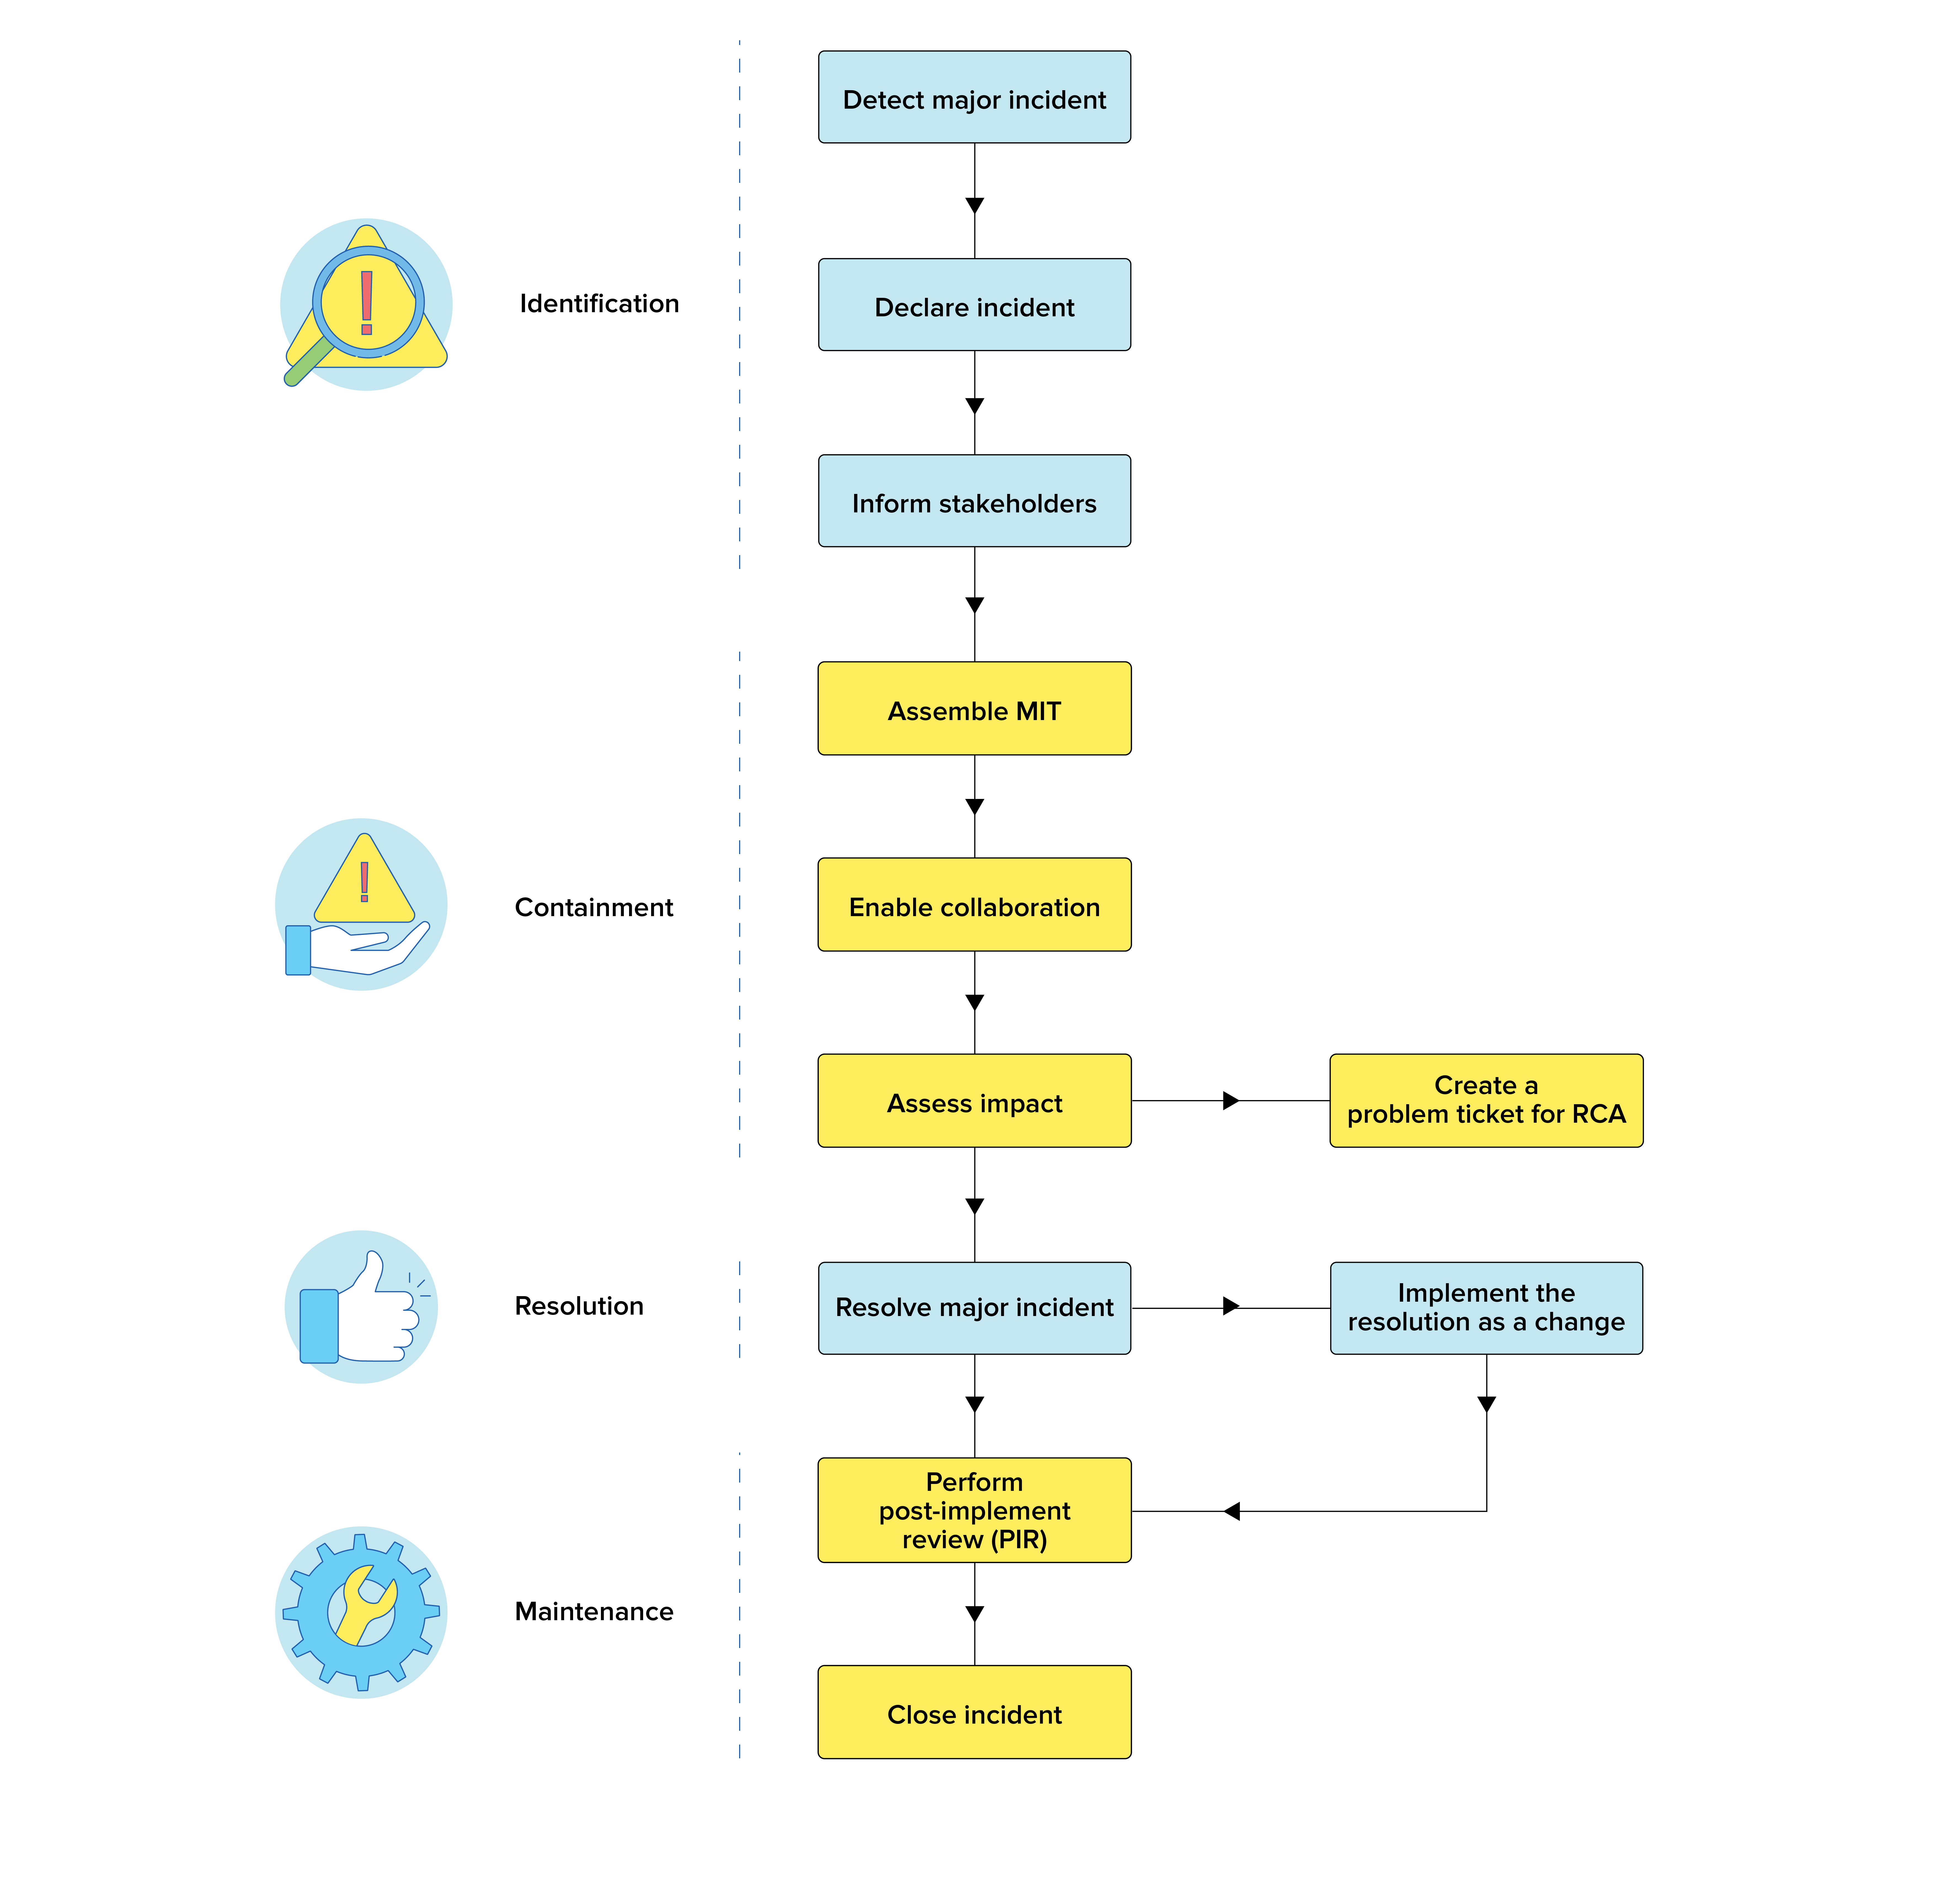 ITIL büyük olay yönetim süreci akış çizelgesi